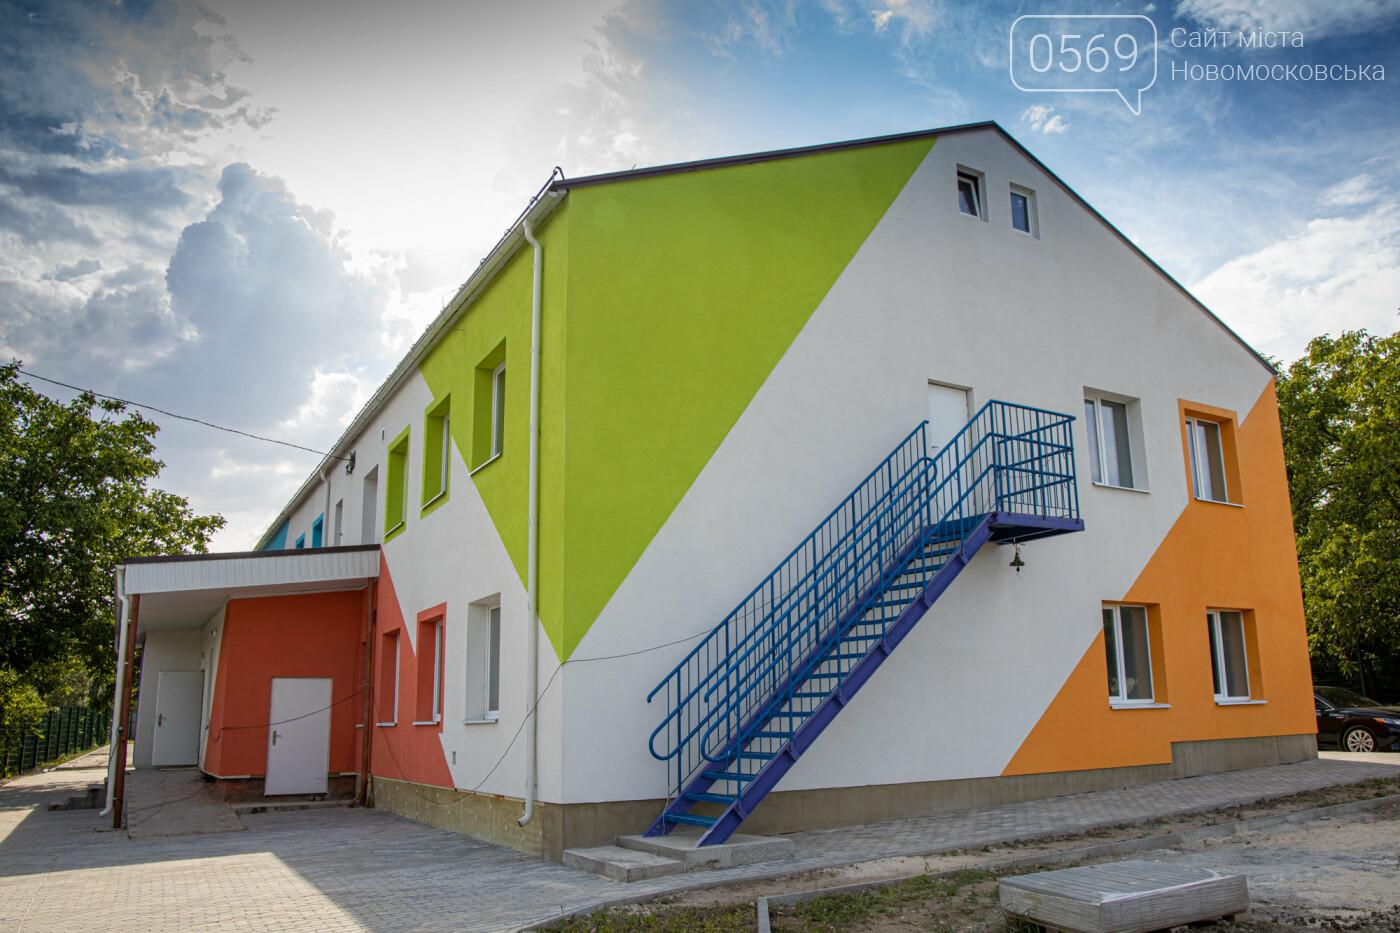 Новий дитсадок у Вільному Новомосковського району вже готовий на 85%, фото-2